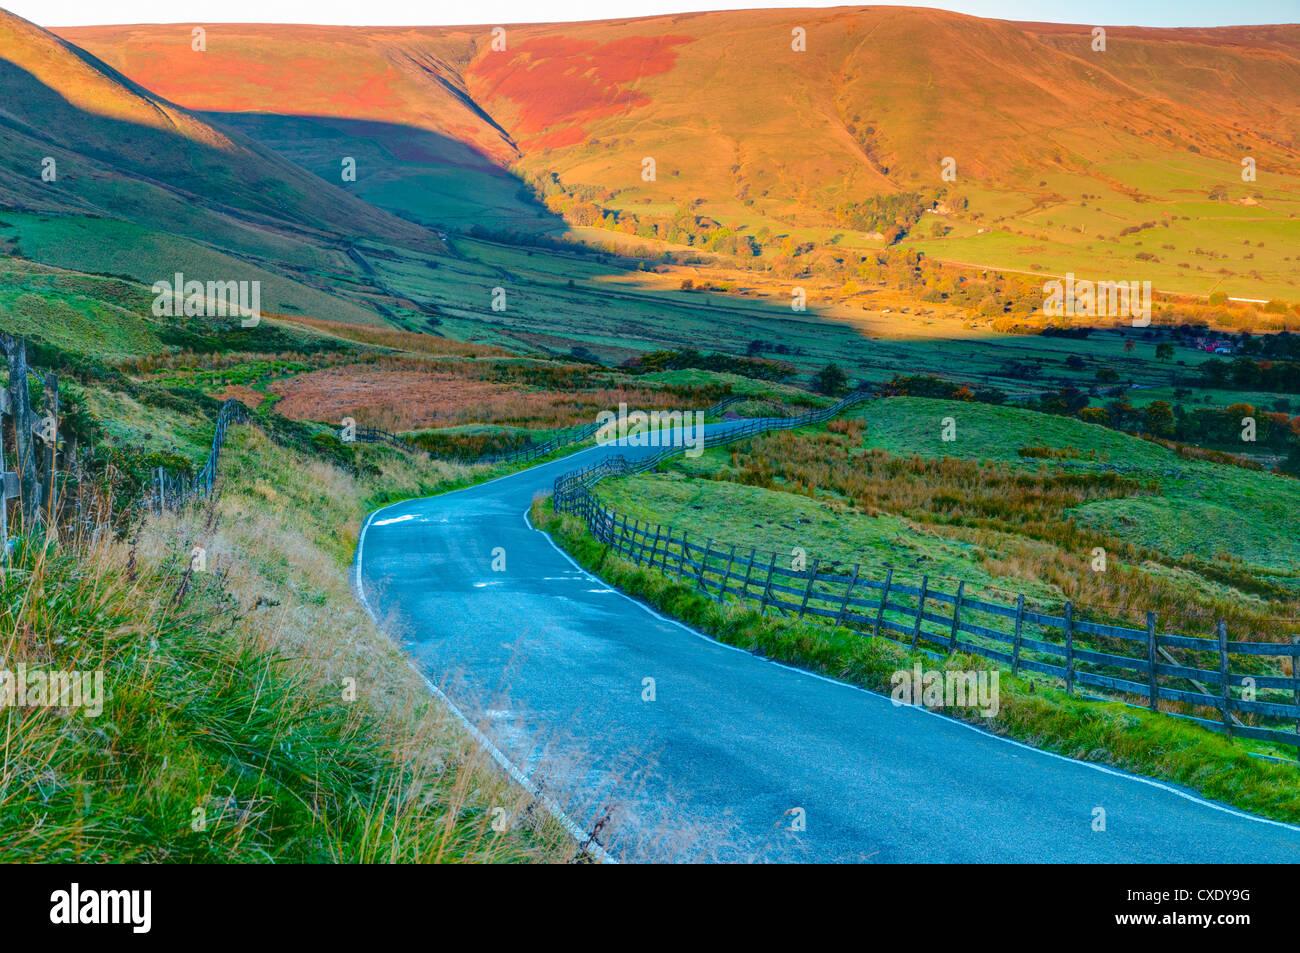 Vale of Edale, Peak District National Park, Derbyshire, England Stockbild